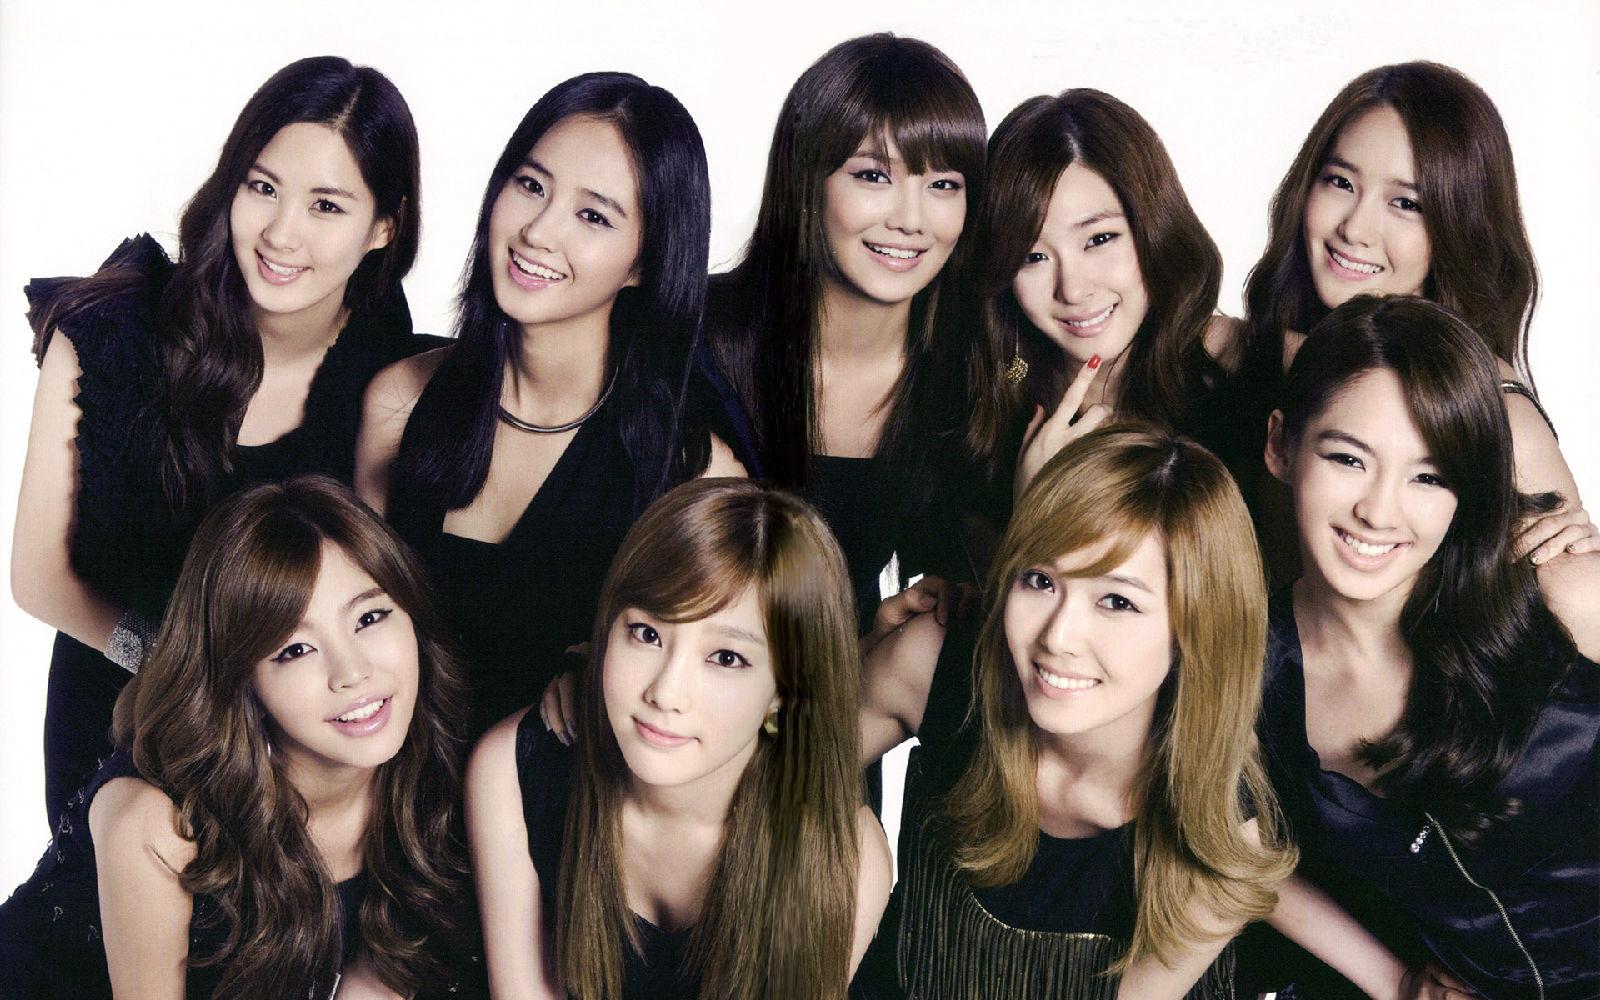 求少女时代daum屏保最好是1个集体的+9个分开的